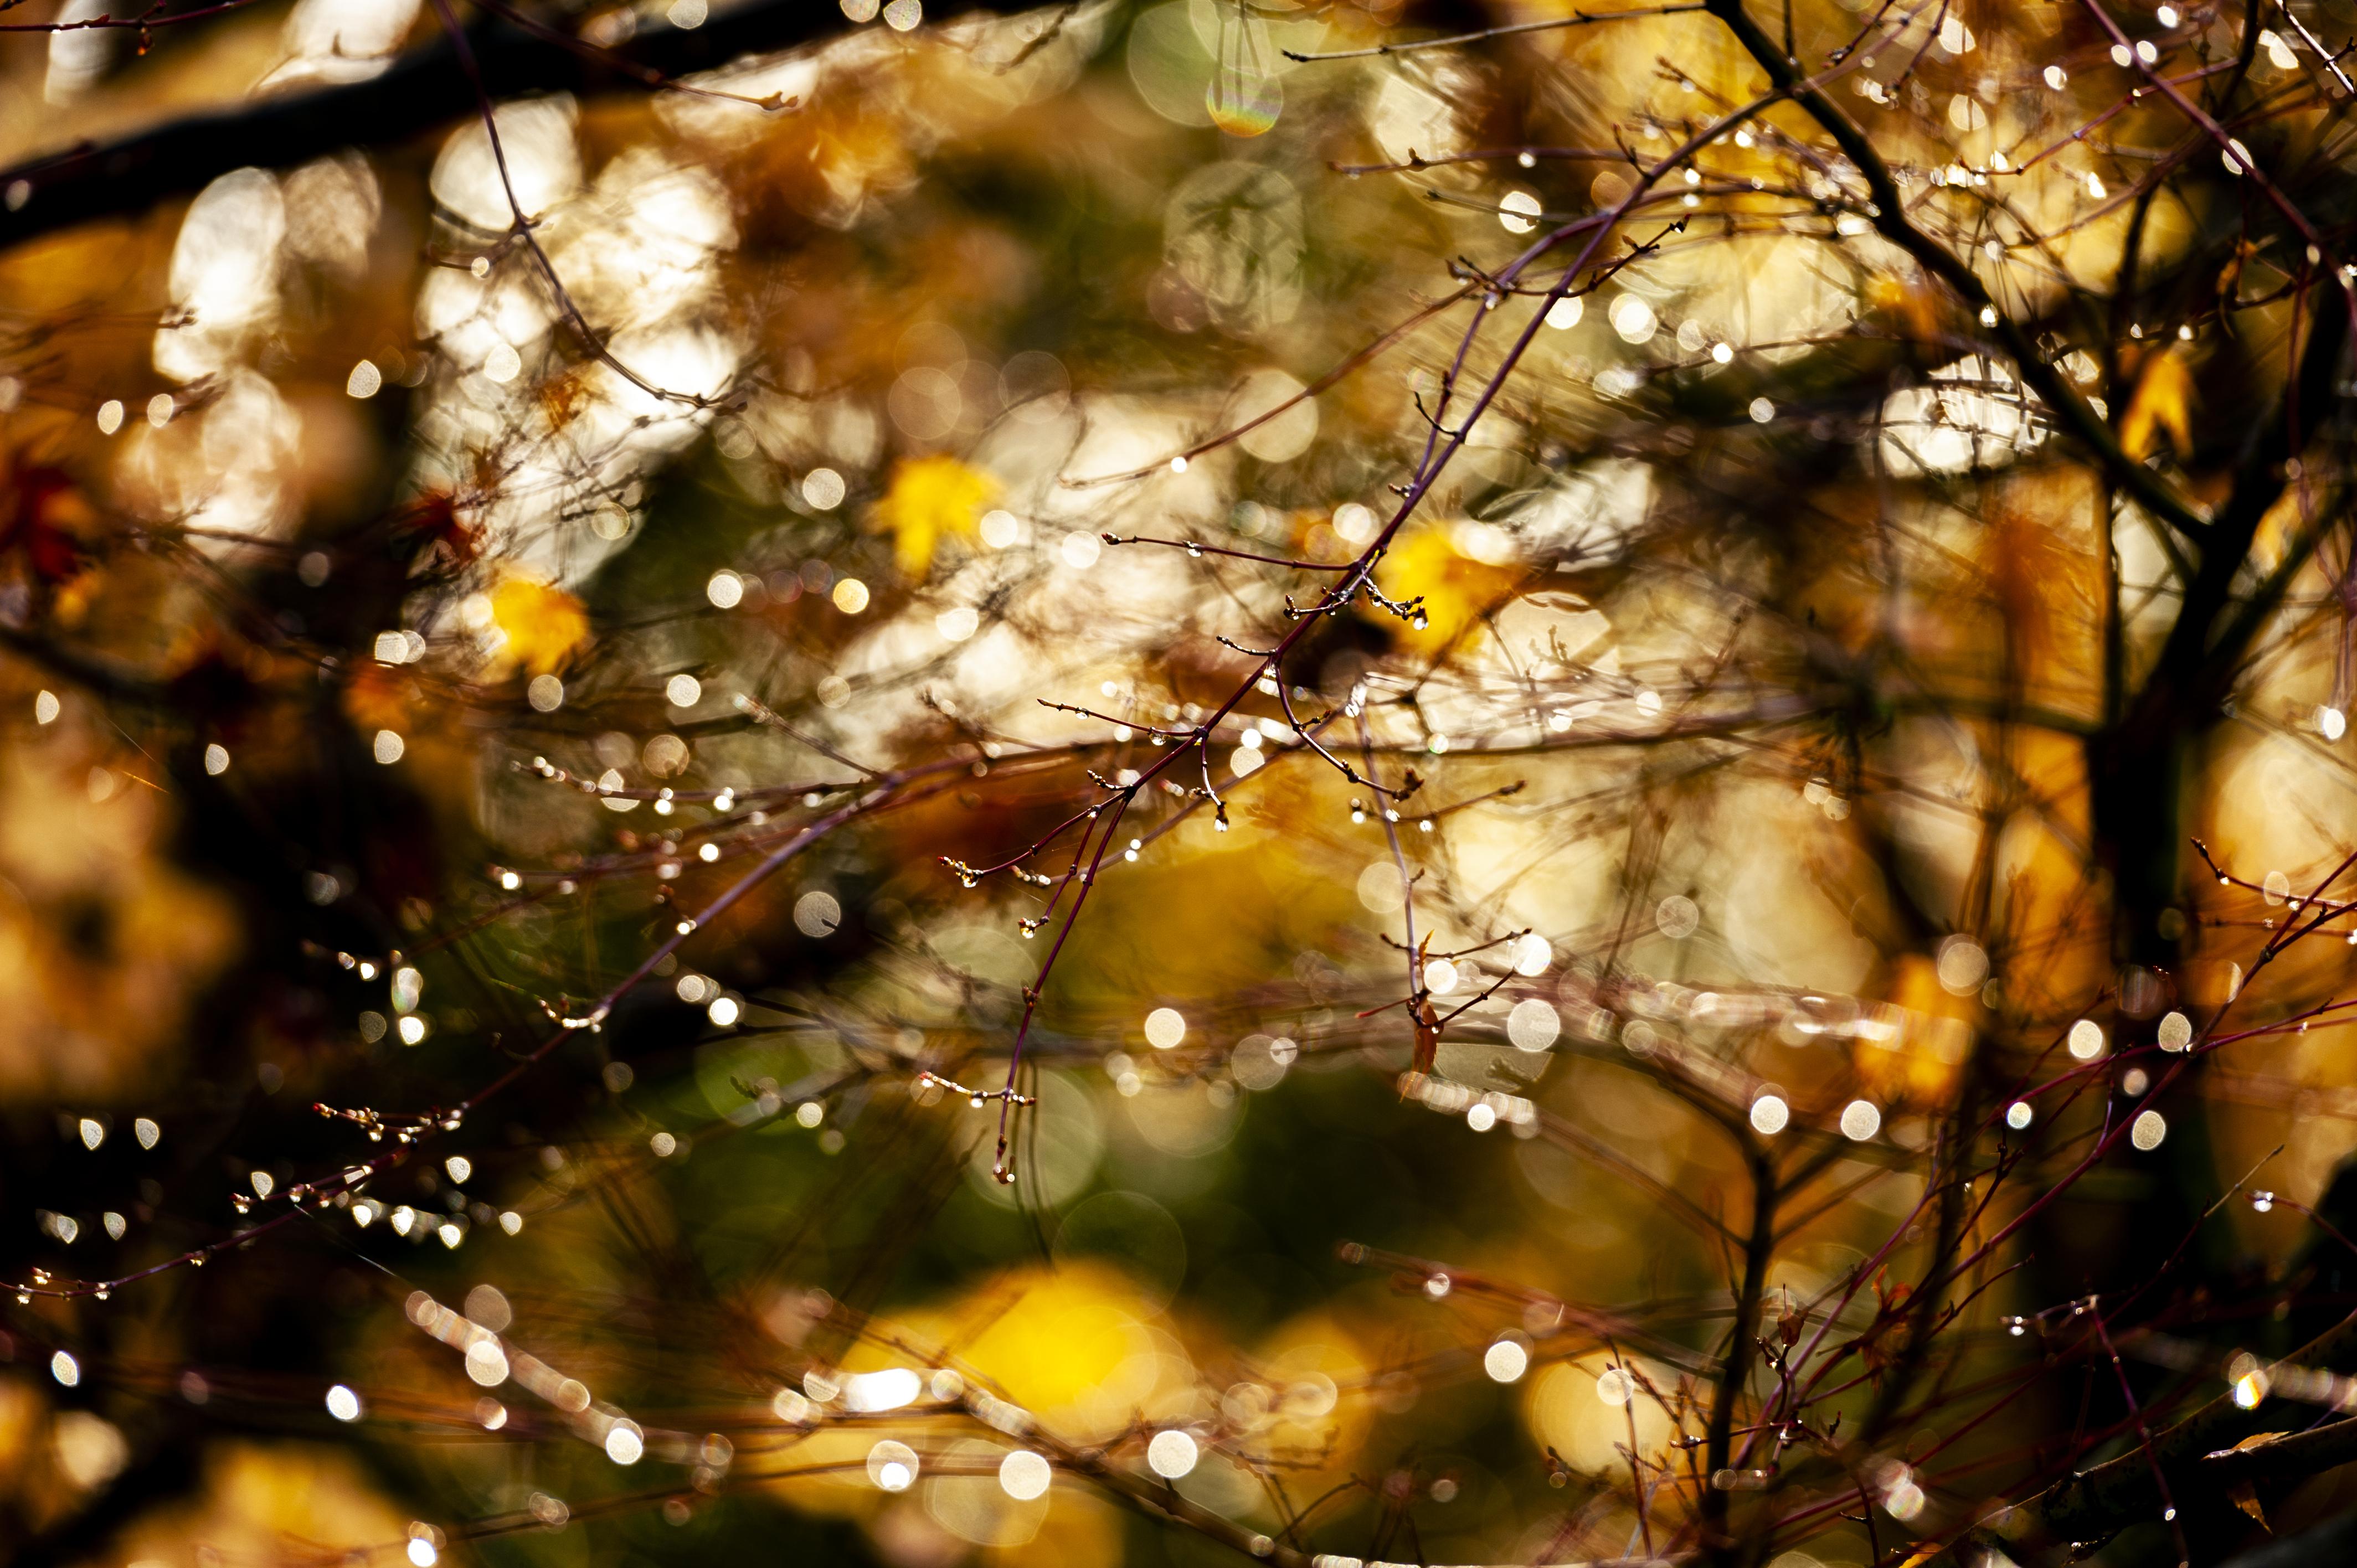 NaturesFairylights_DSC9641